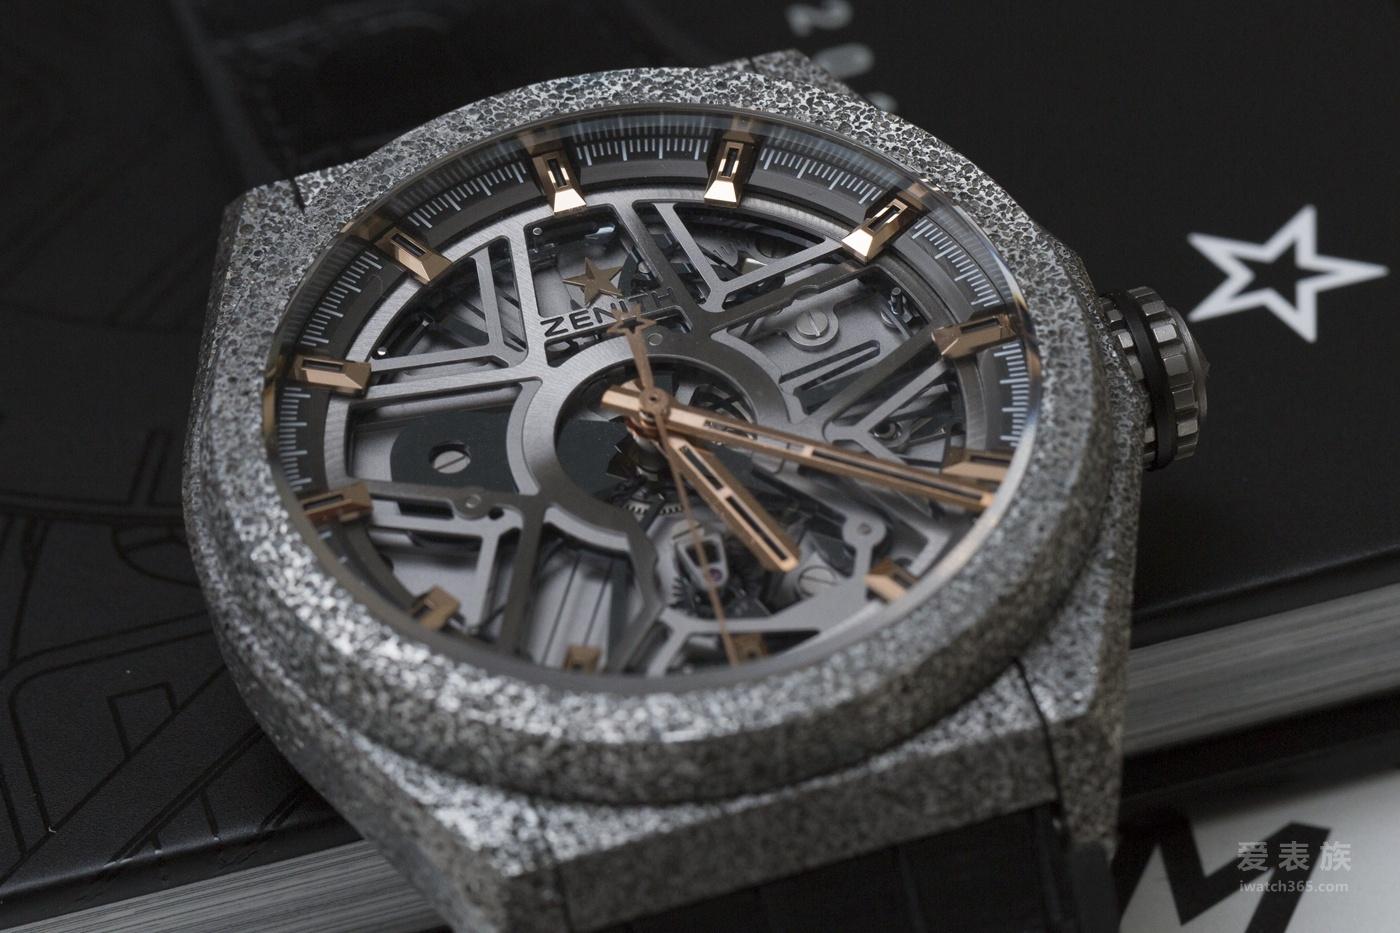 Defy Lab是一款大三针腕表